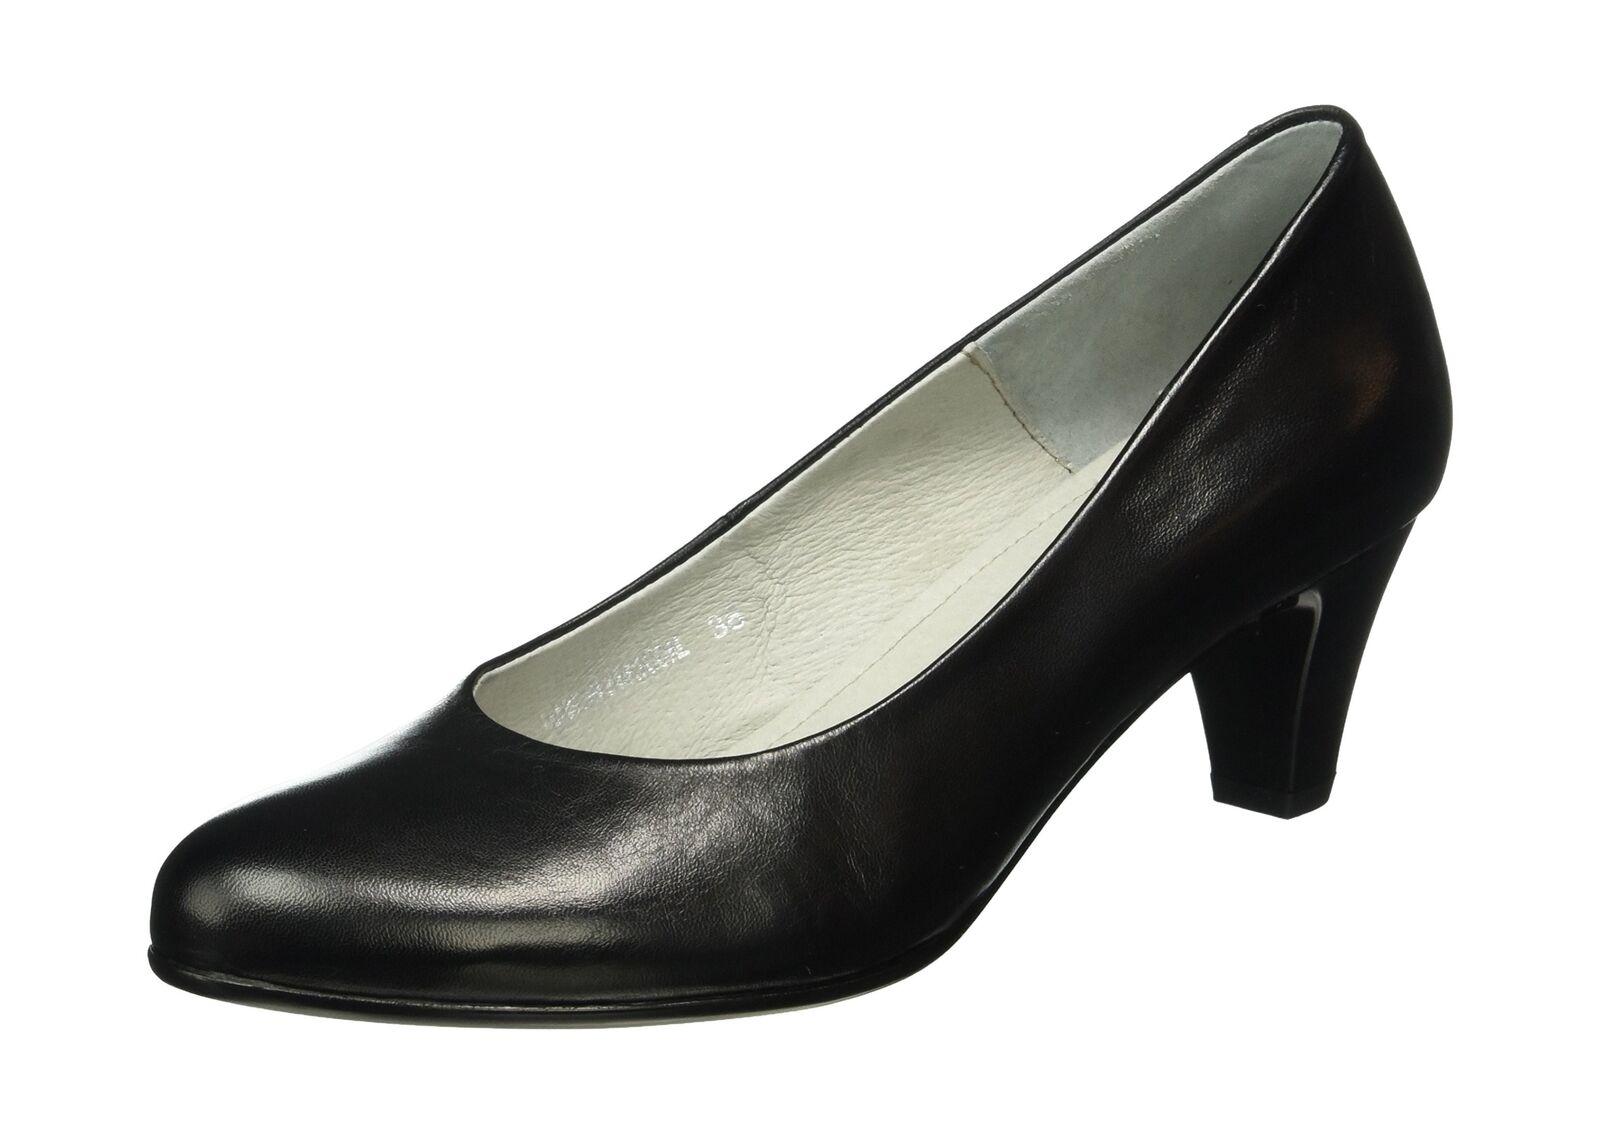 Descuento de la marca Buffalo para Toe mujer es 30755 Mestico cerrado Toe para Tacones Negro (Preto 01) 3.5 Reino Unido cf7582